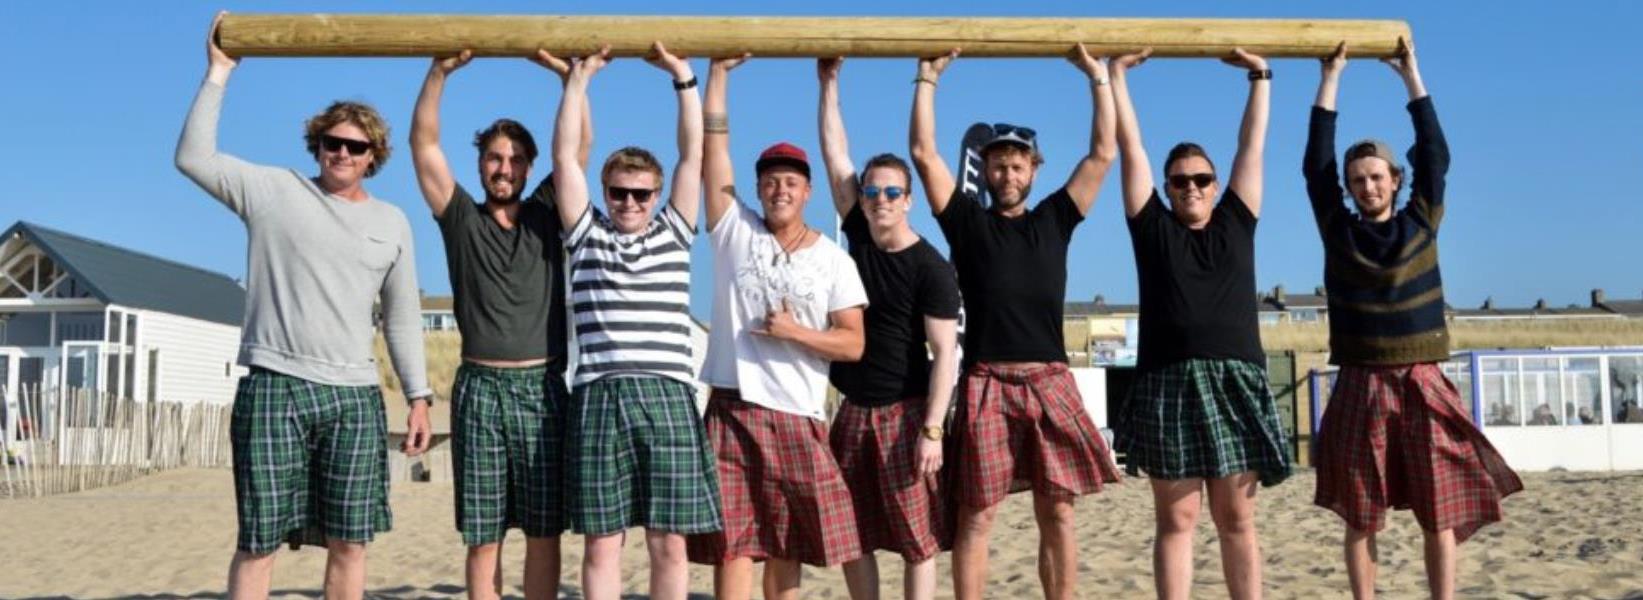 Highland Games Katwijk